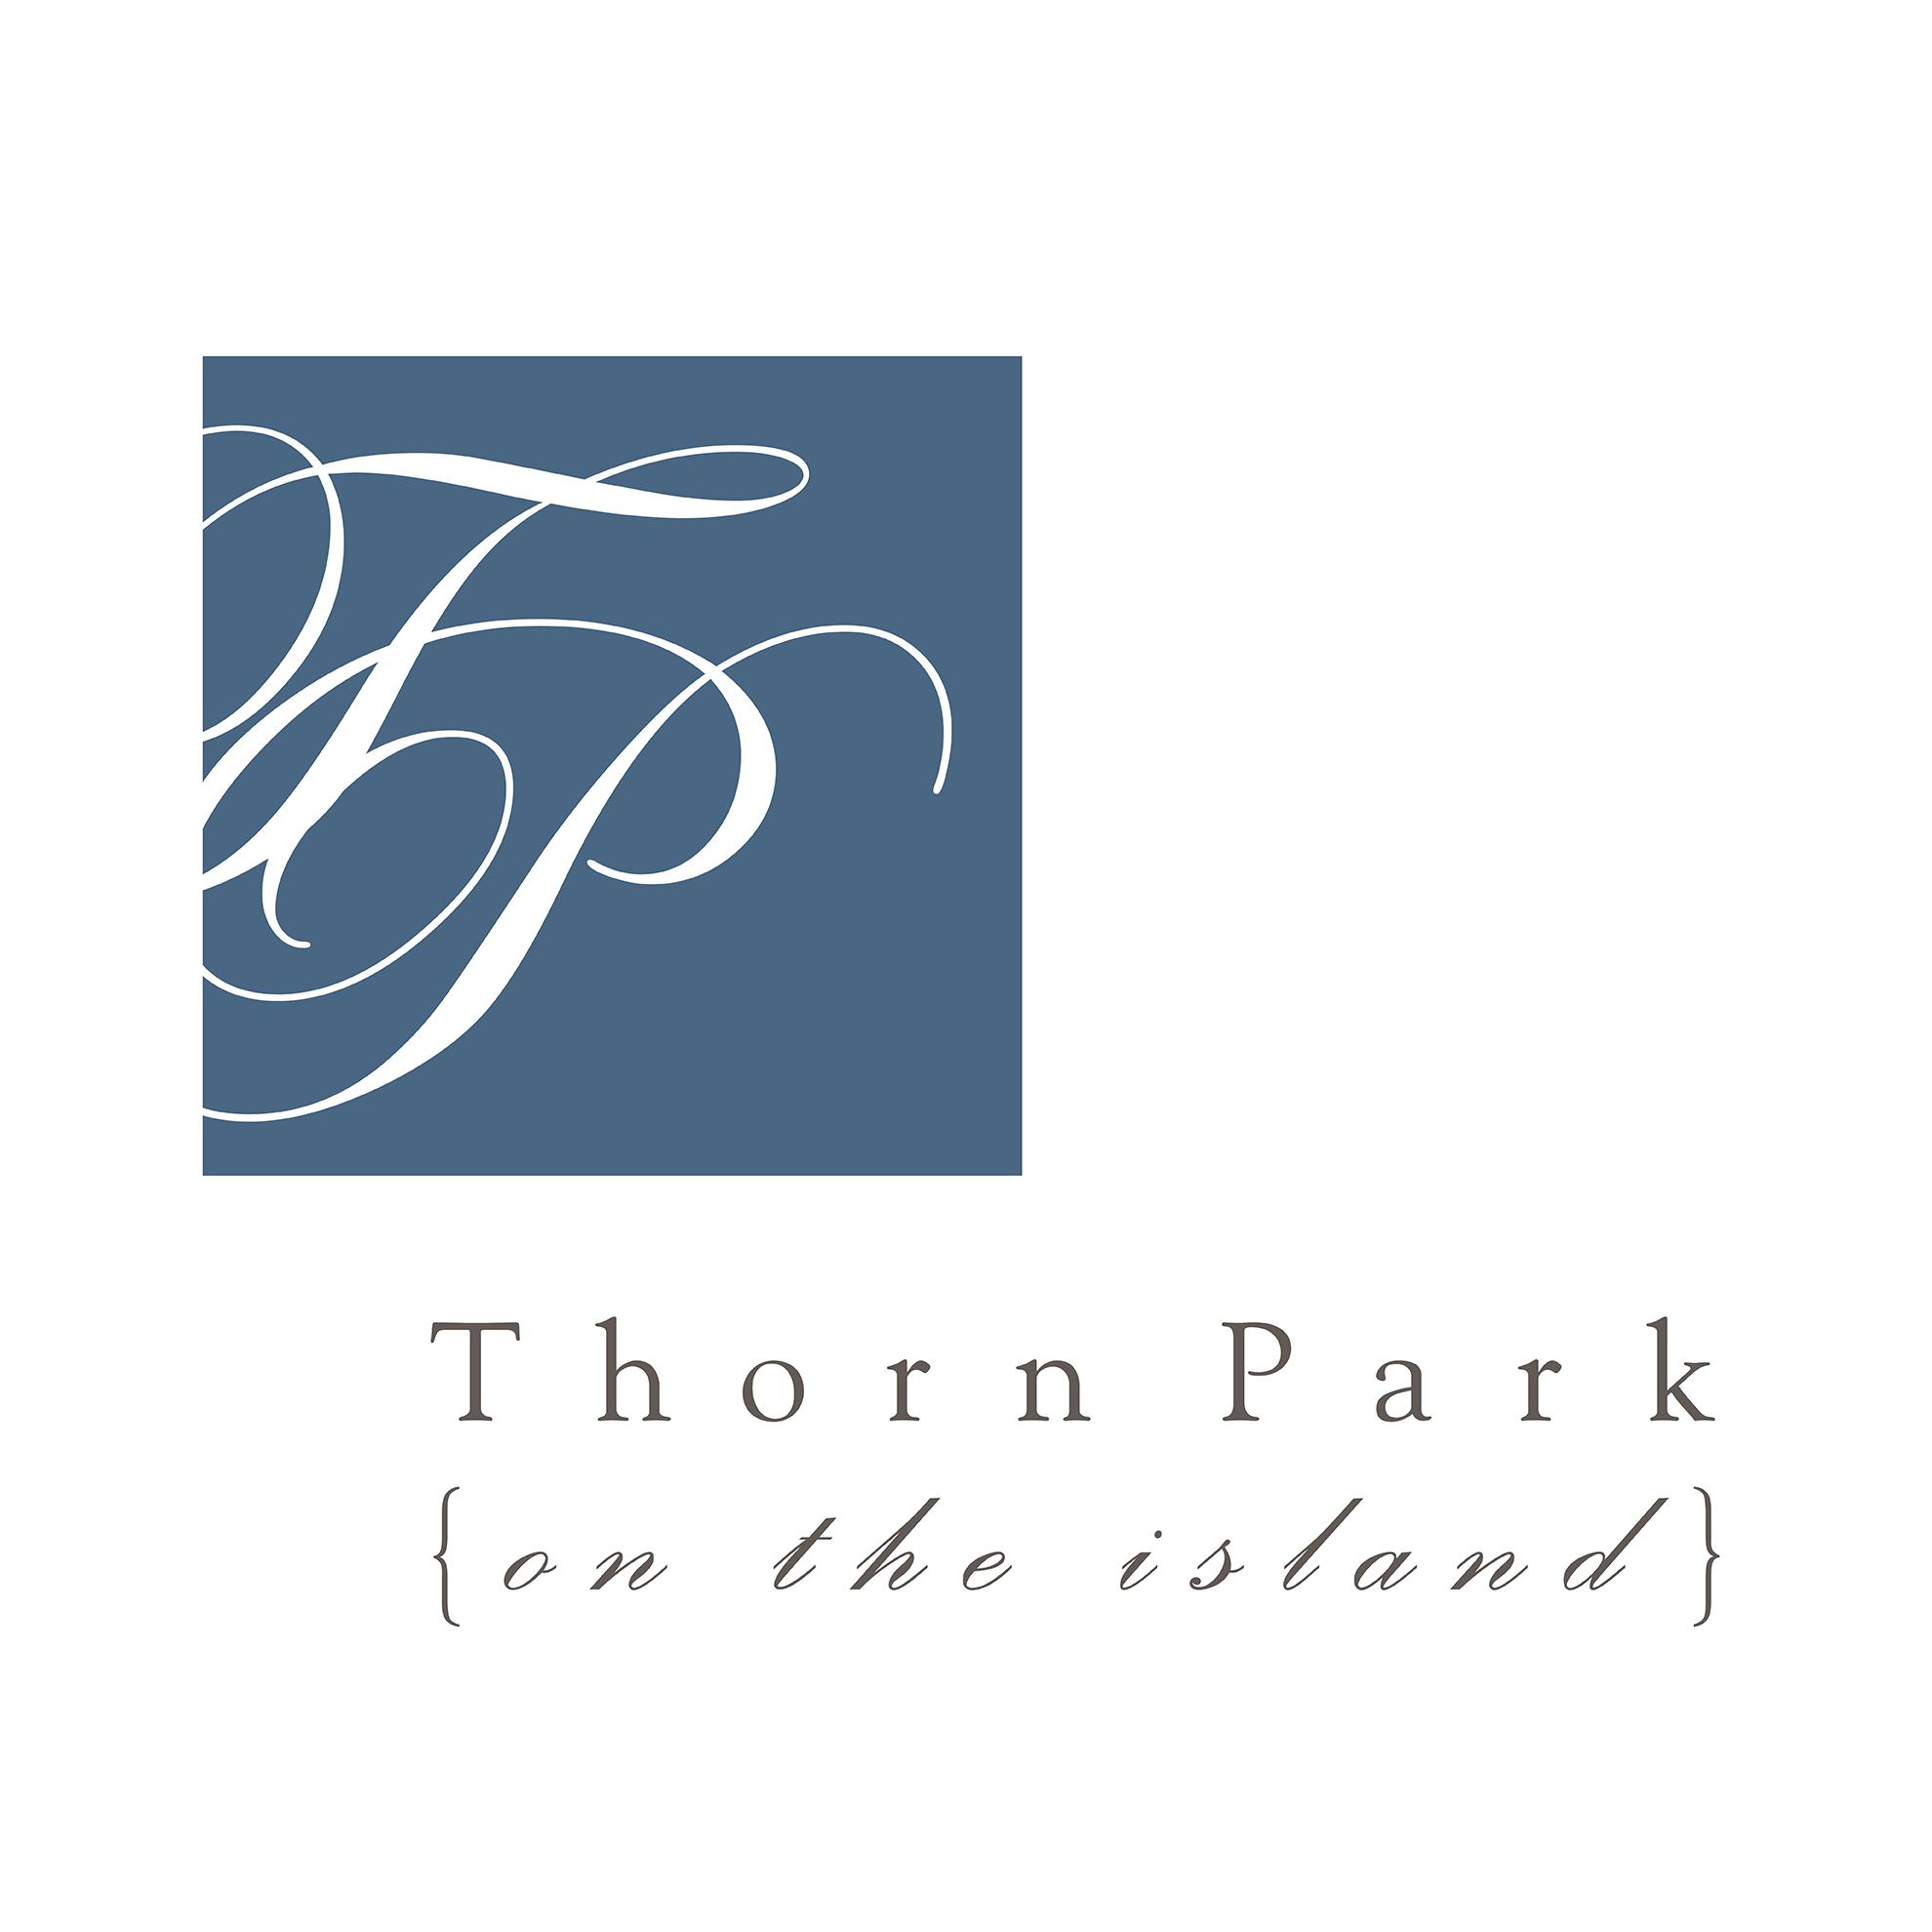 Thorn Park -on the island logo